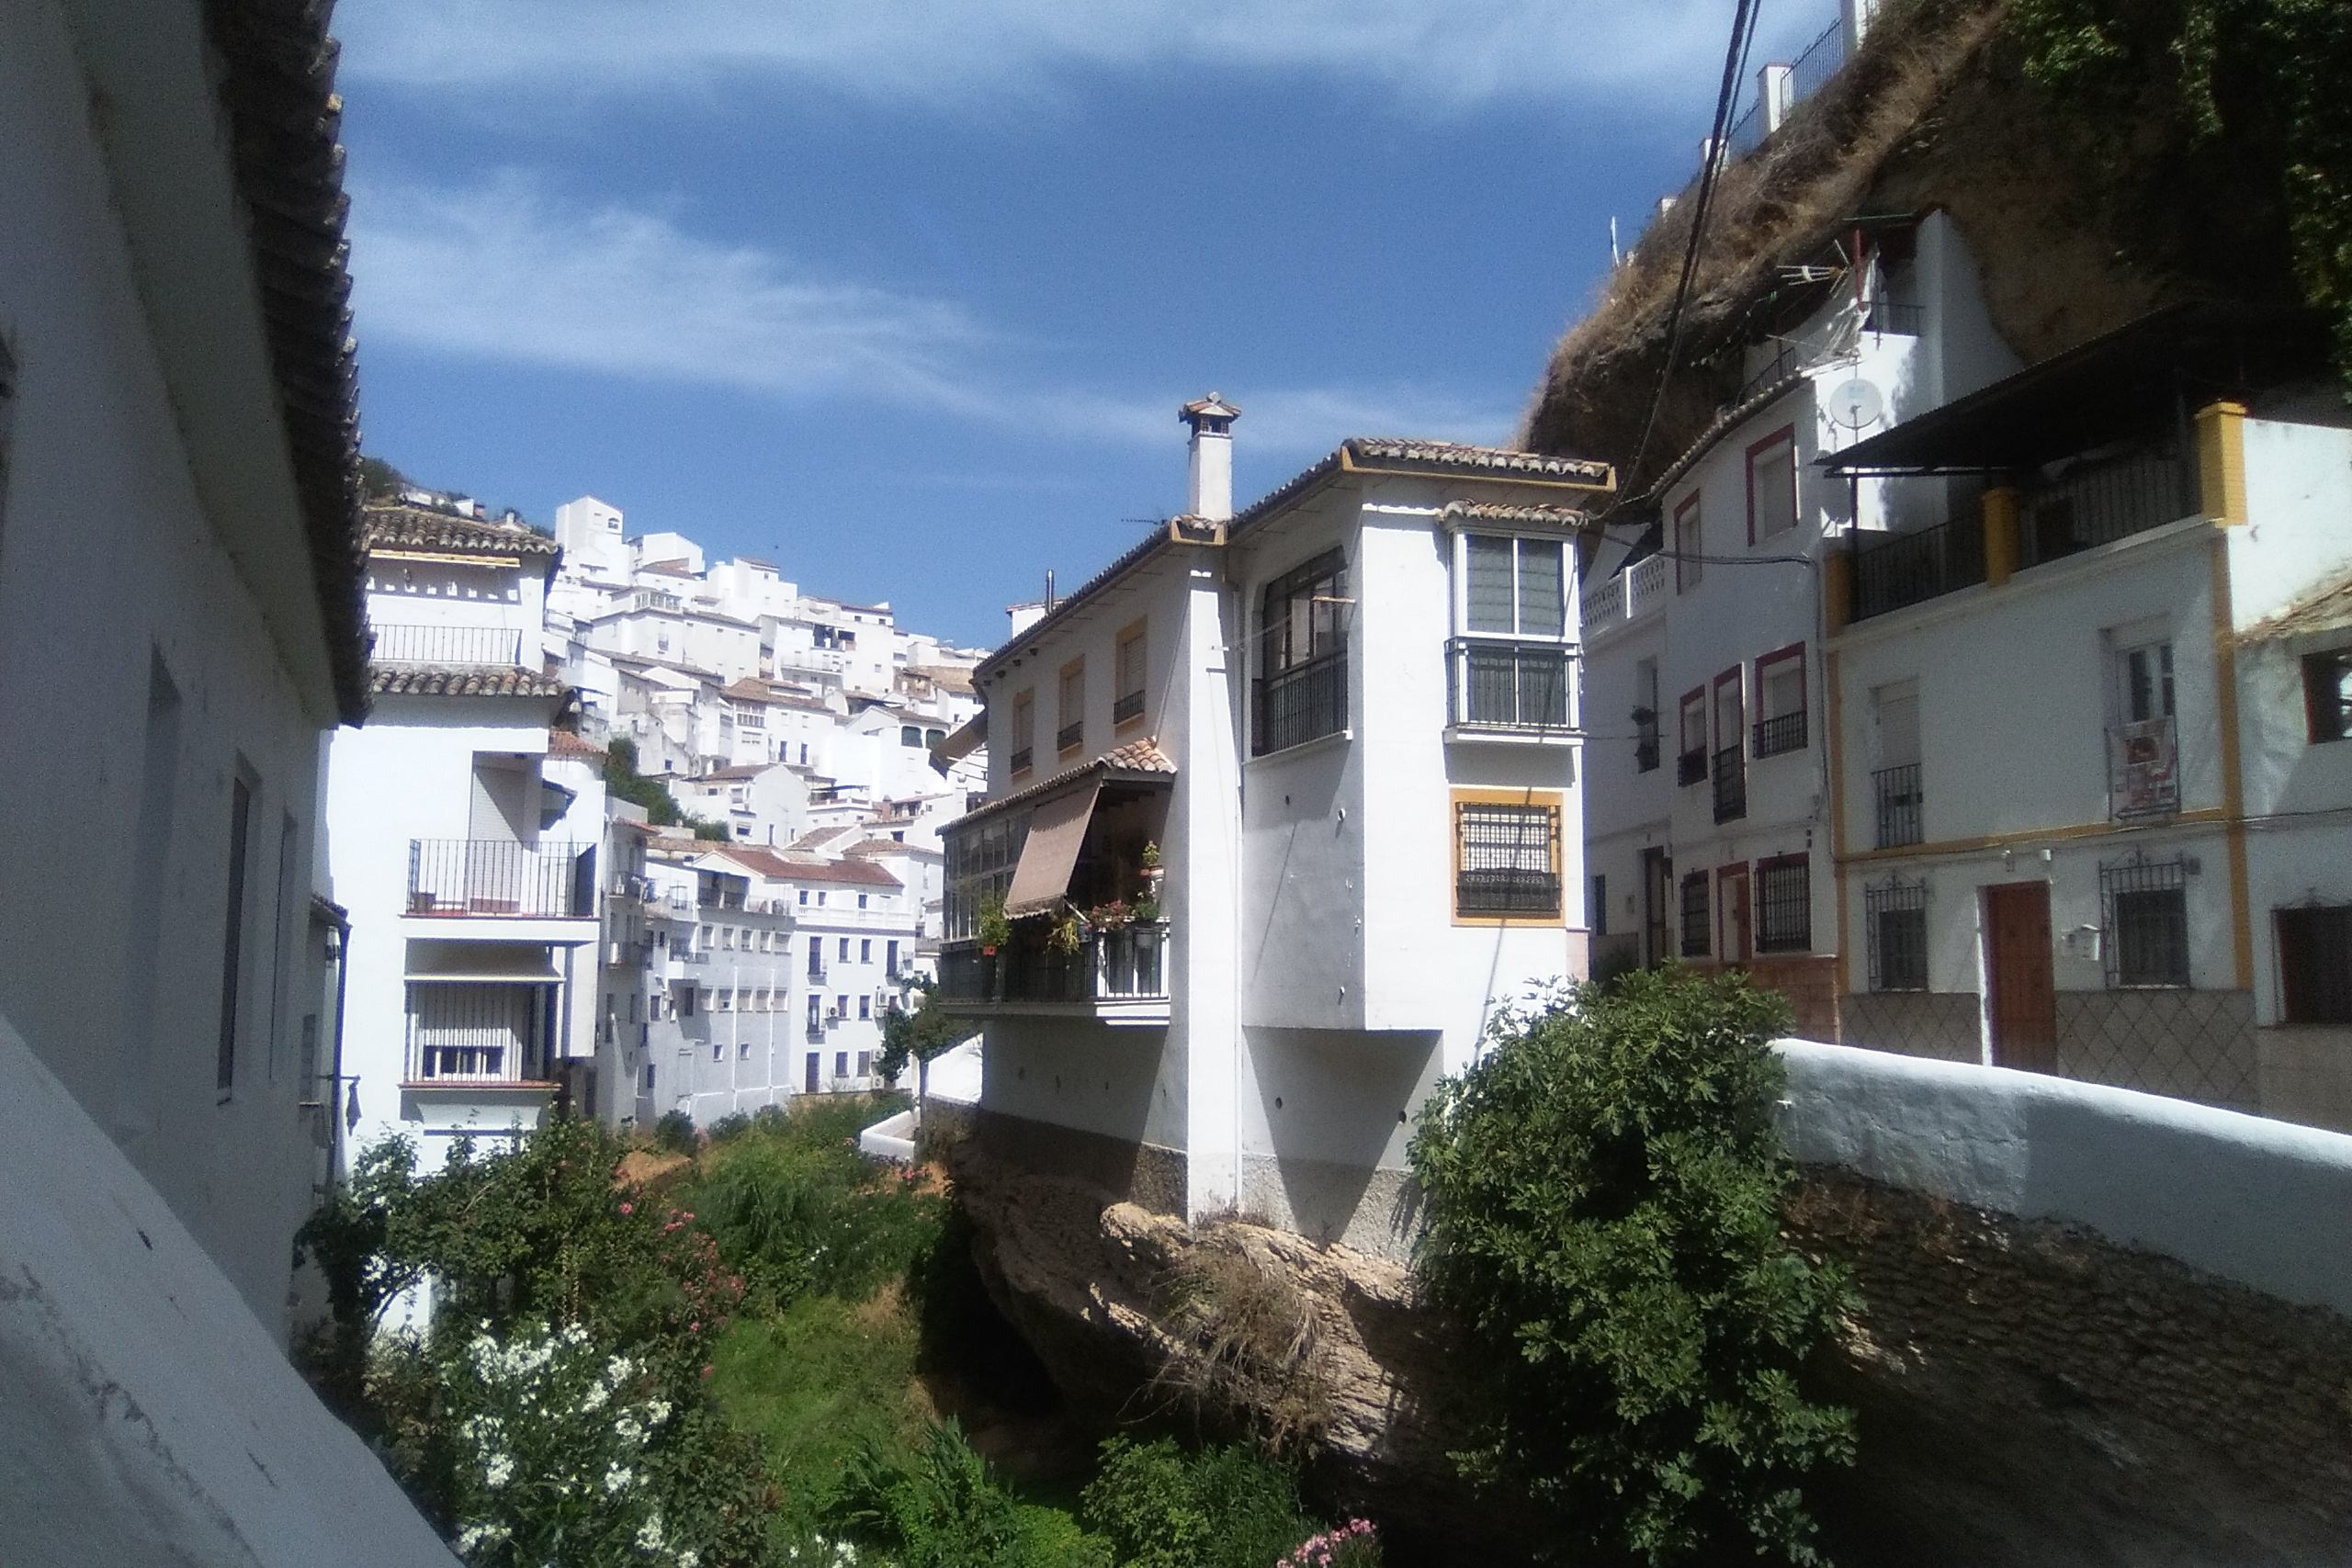 Setenil de las Bodegas patří mezi njekrásnější vesnice ve Španělsku